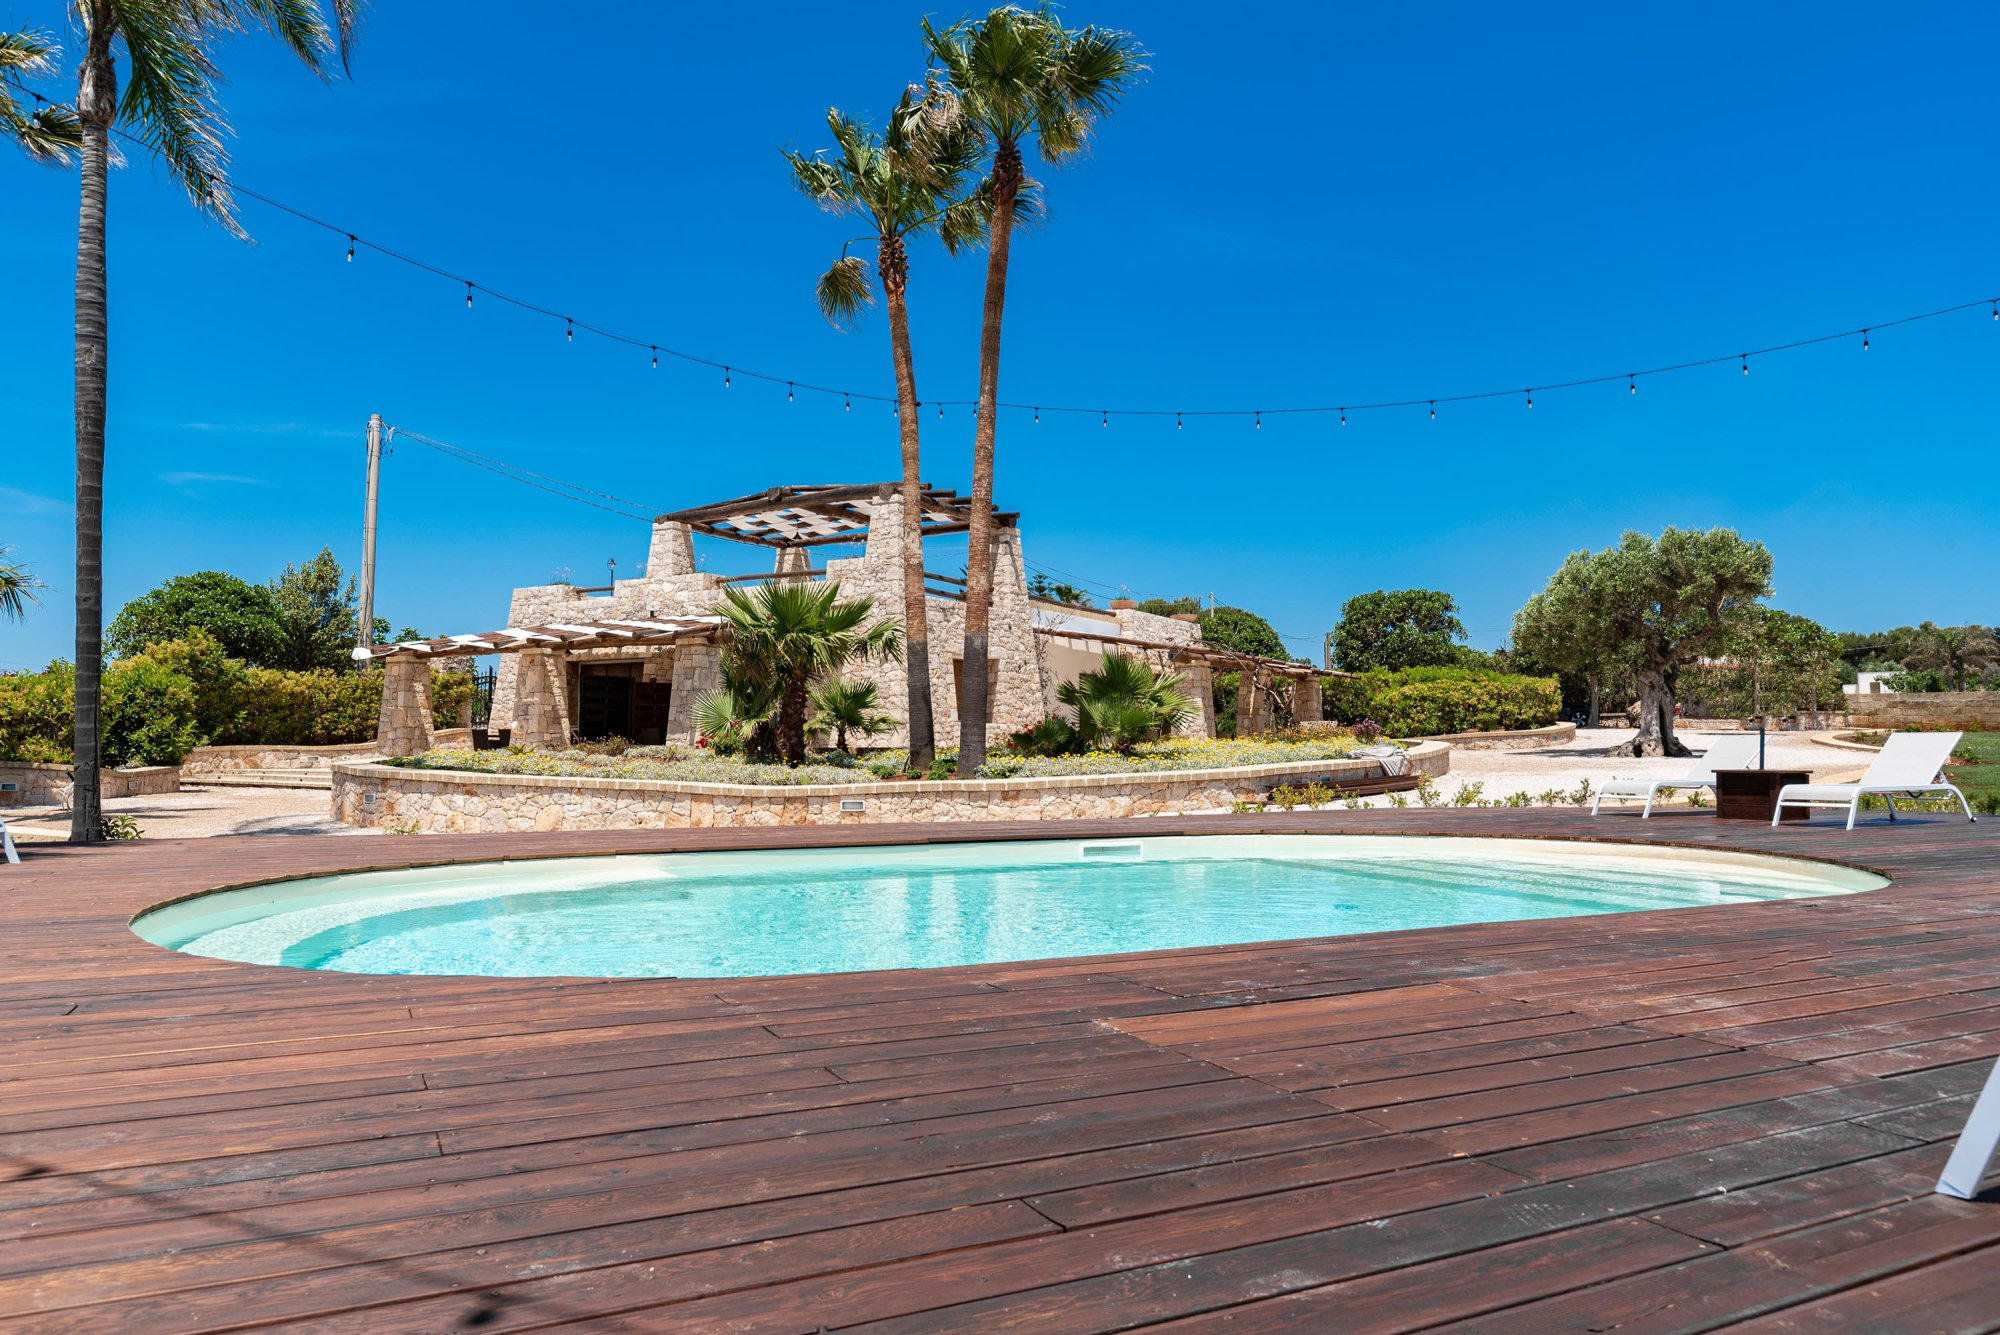 Splendida villa in pietra con Piscina, fronte spiaggia  - Salve